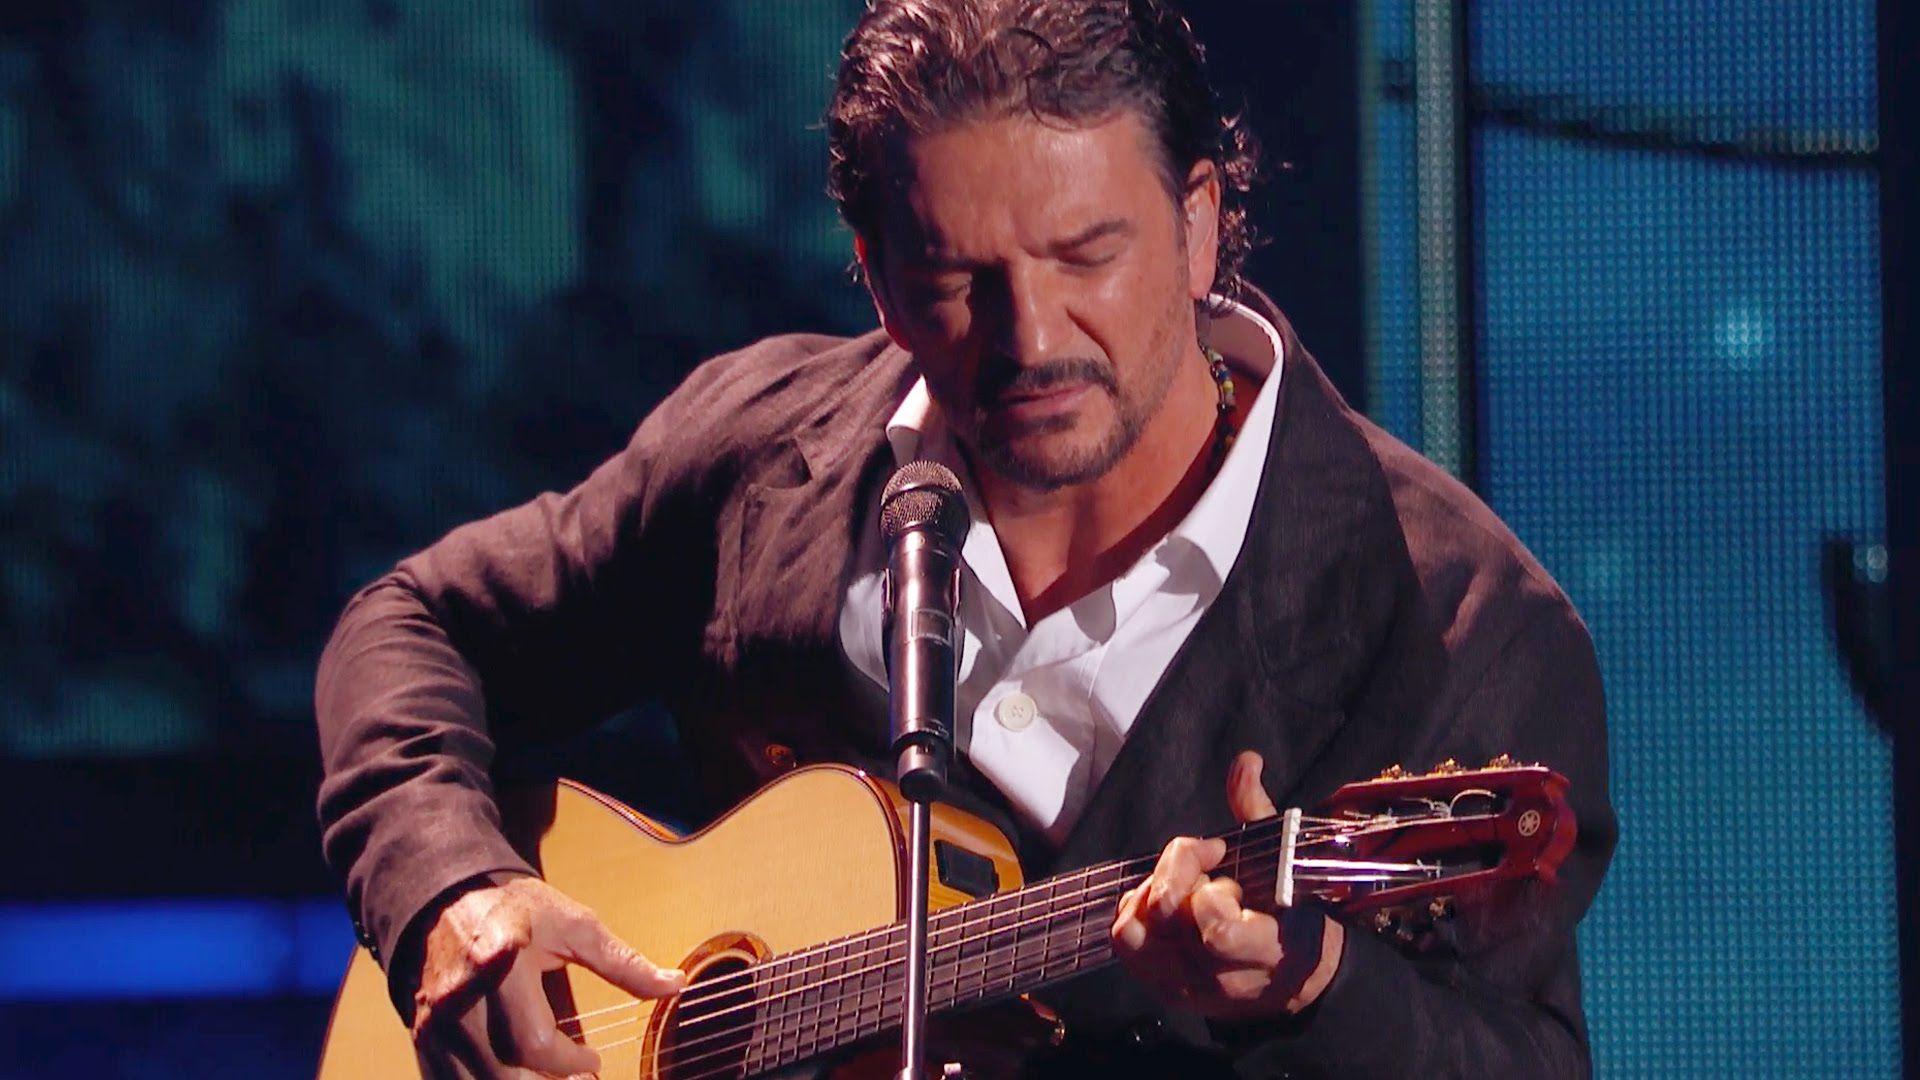 """Escucha cantando a Ricardo Arjona su nuevo tema """"Puente"""", tras ganarse el Premio a la Excelencia Musical de Premio lo Nuestro 2015."""